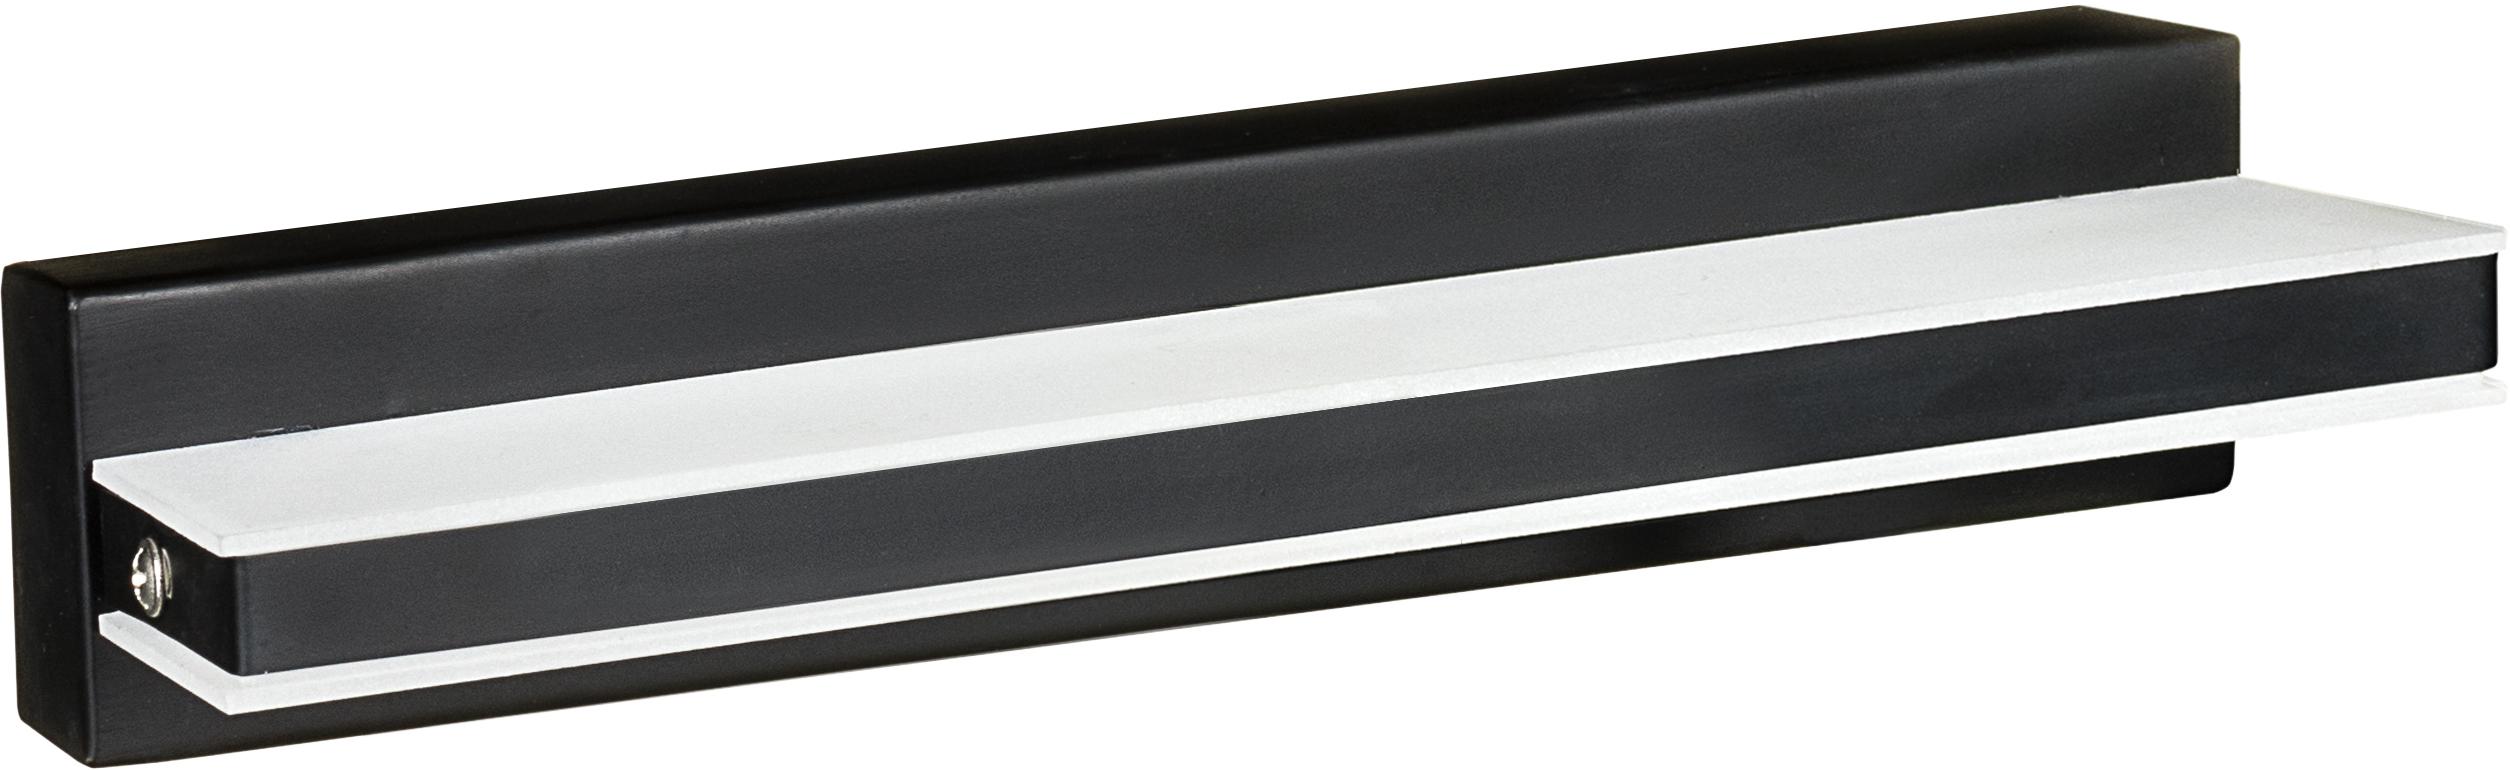 Kinkiet dekoracyjny LED AJE-MERO 1 BLACK IP44